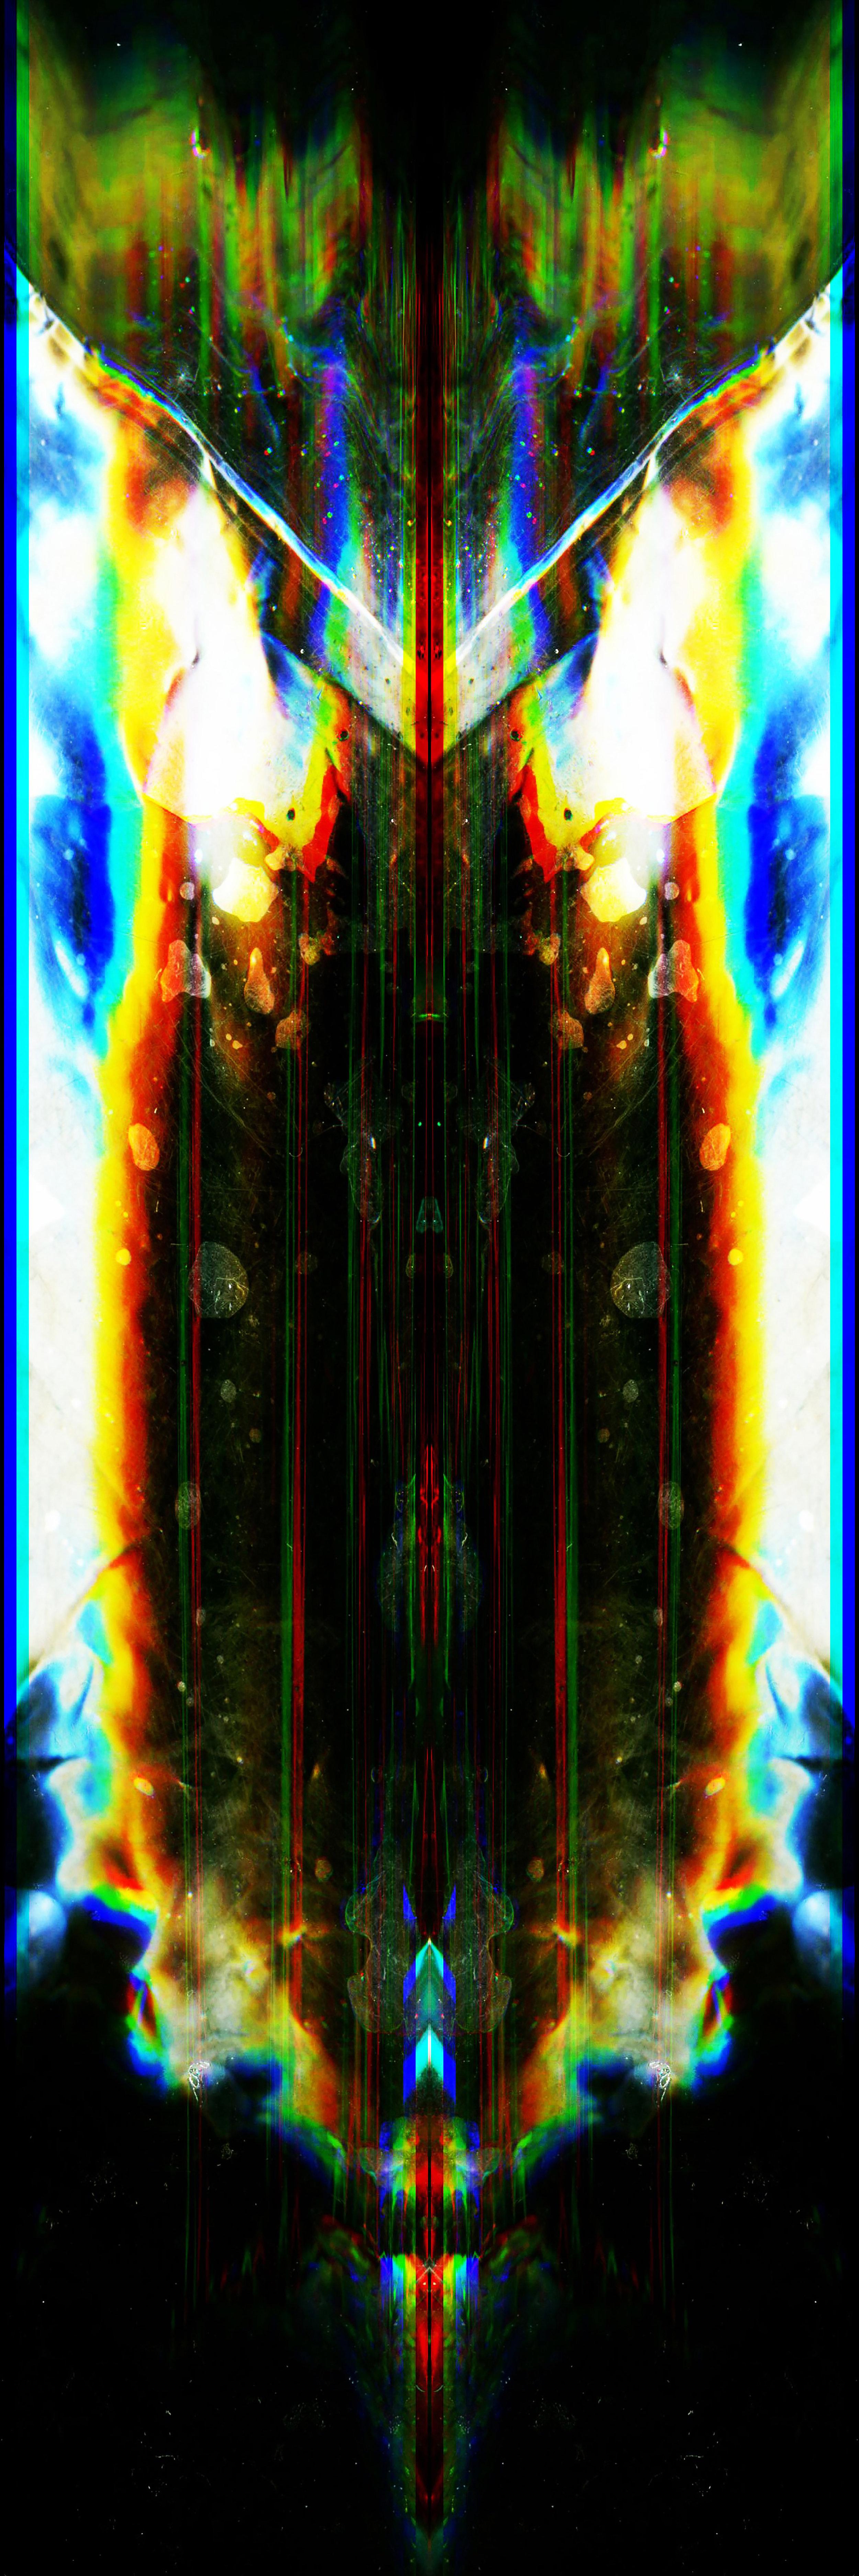 abstract-e-printready.jpg